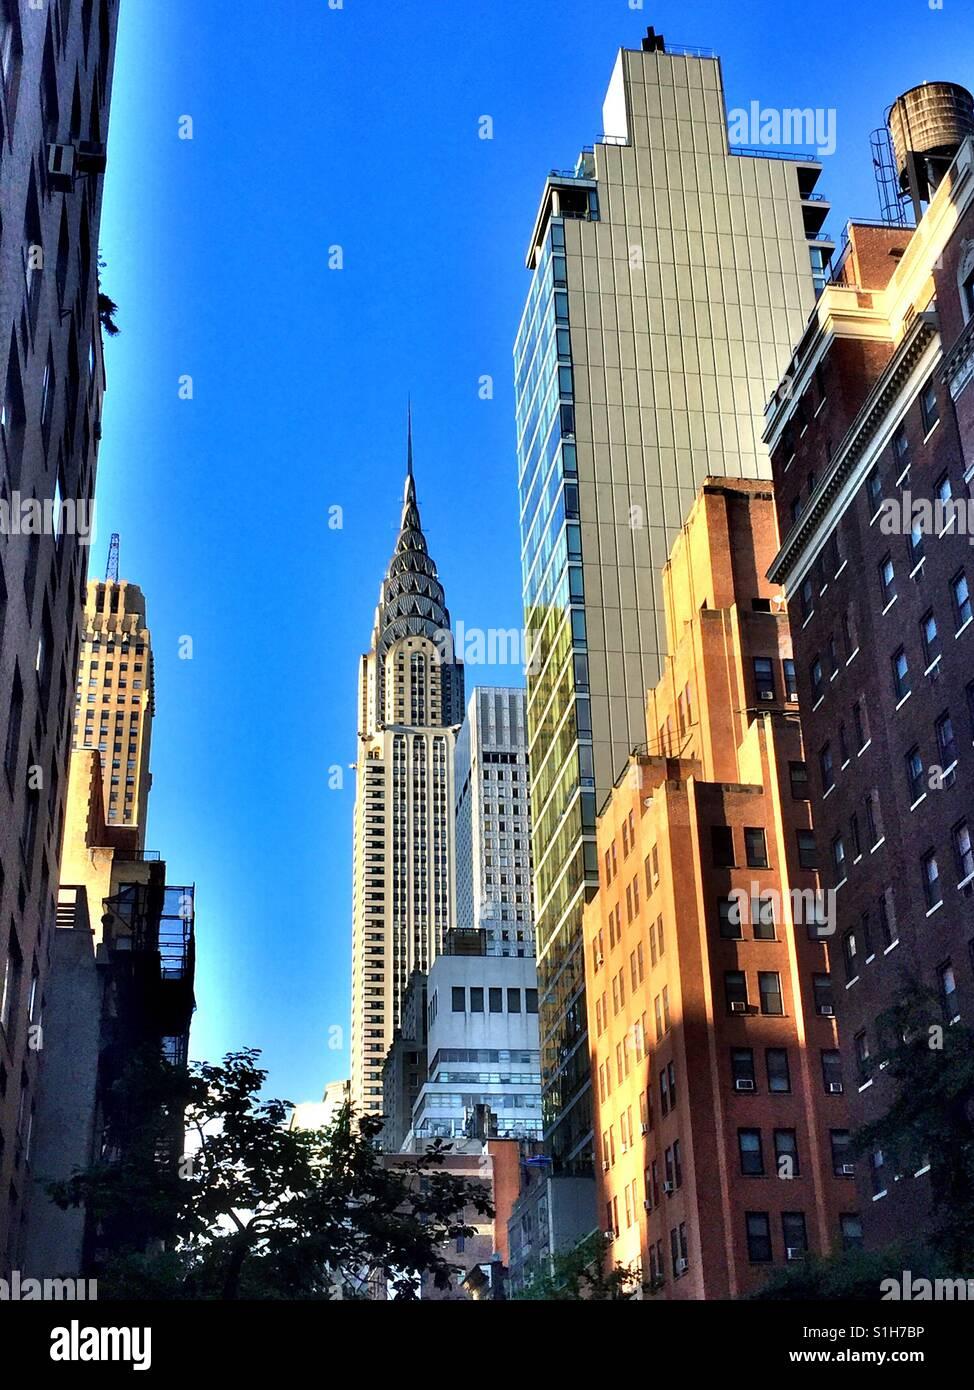 Vista del edificio Chrysler mirando al norte en Lexington Ave., Manhattan, Ciudad de Nueva York, EE.UU. Imagen De Stock